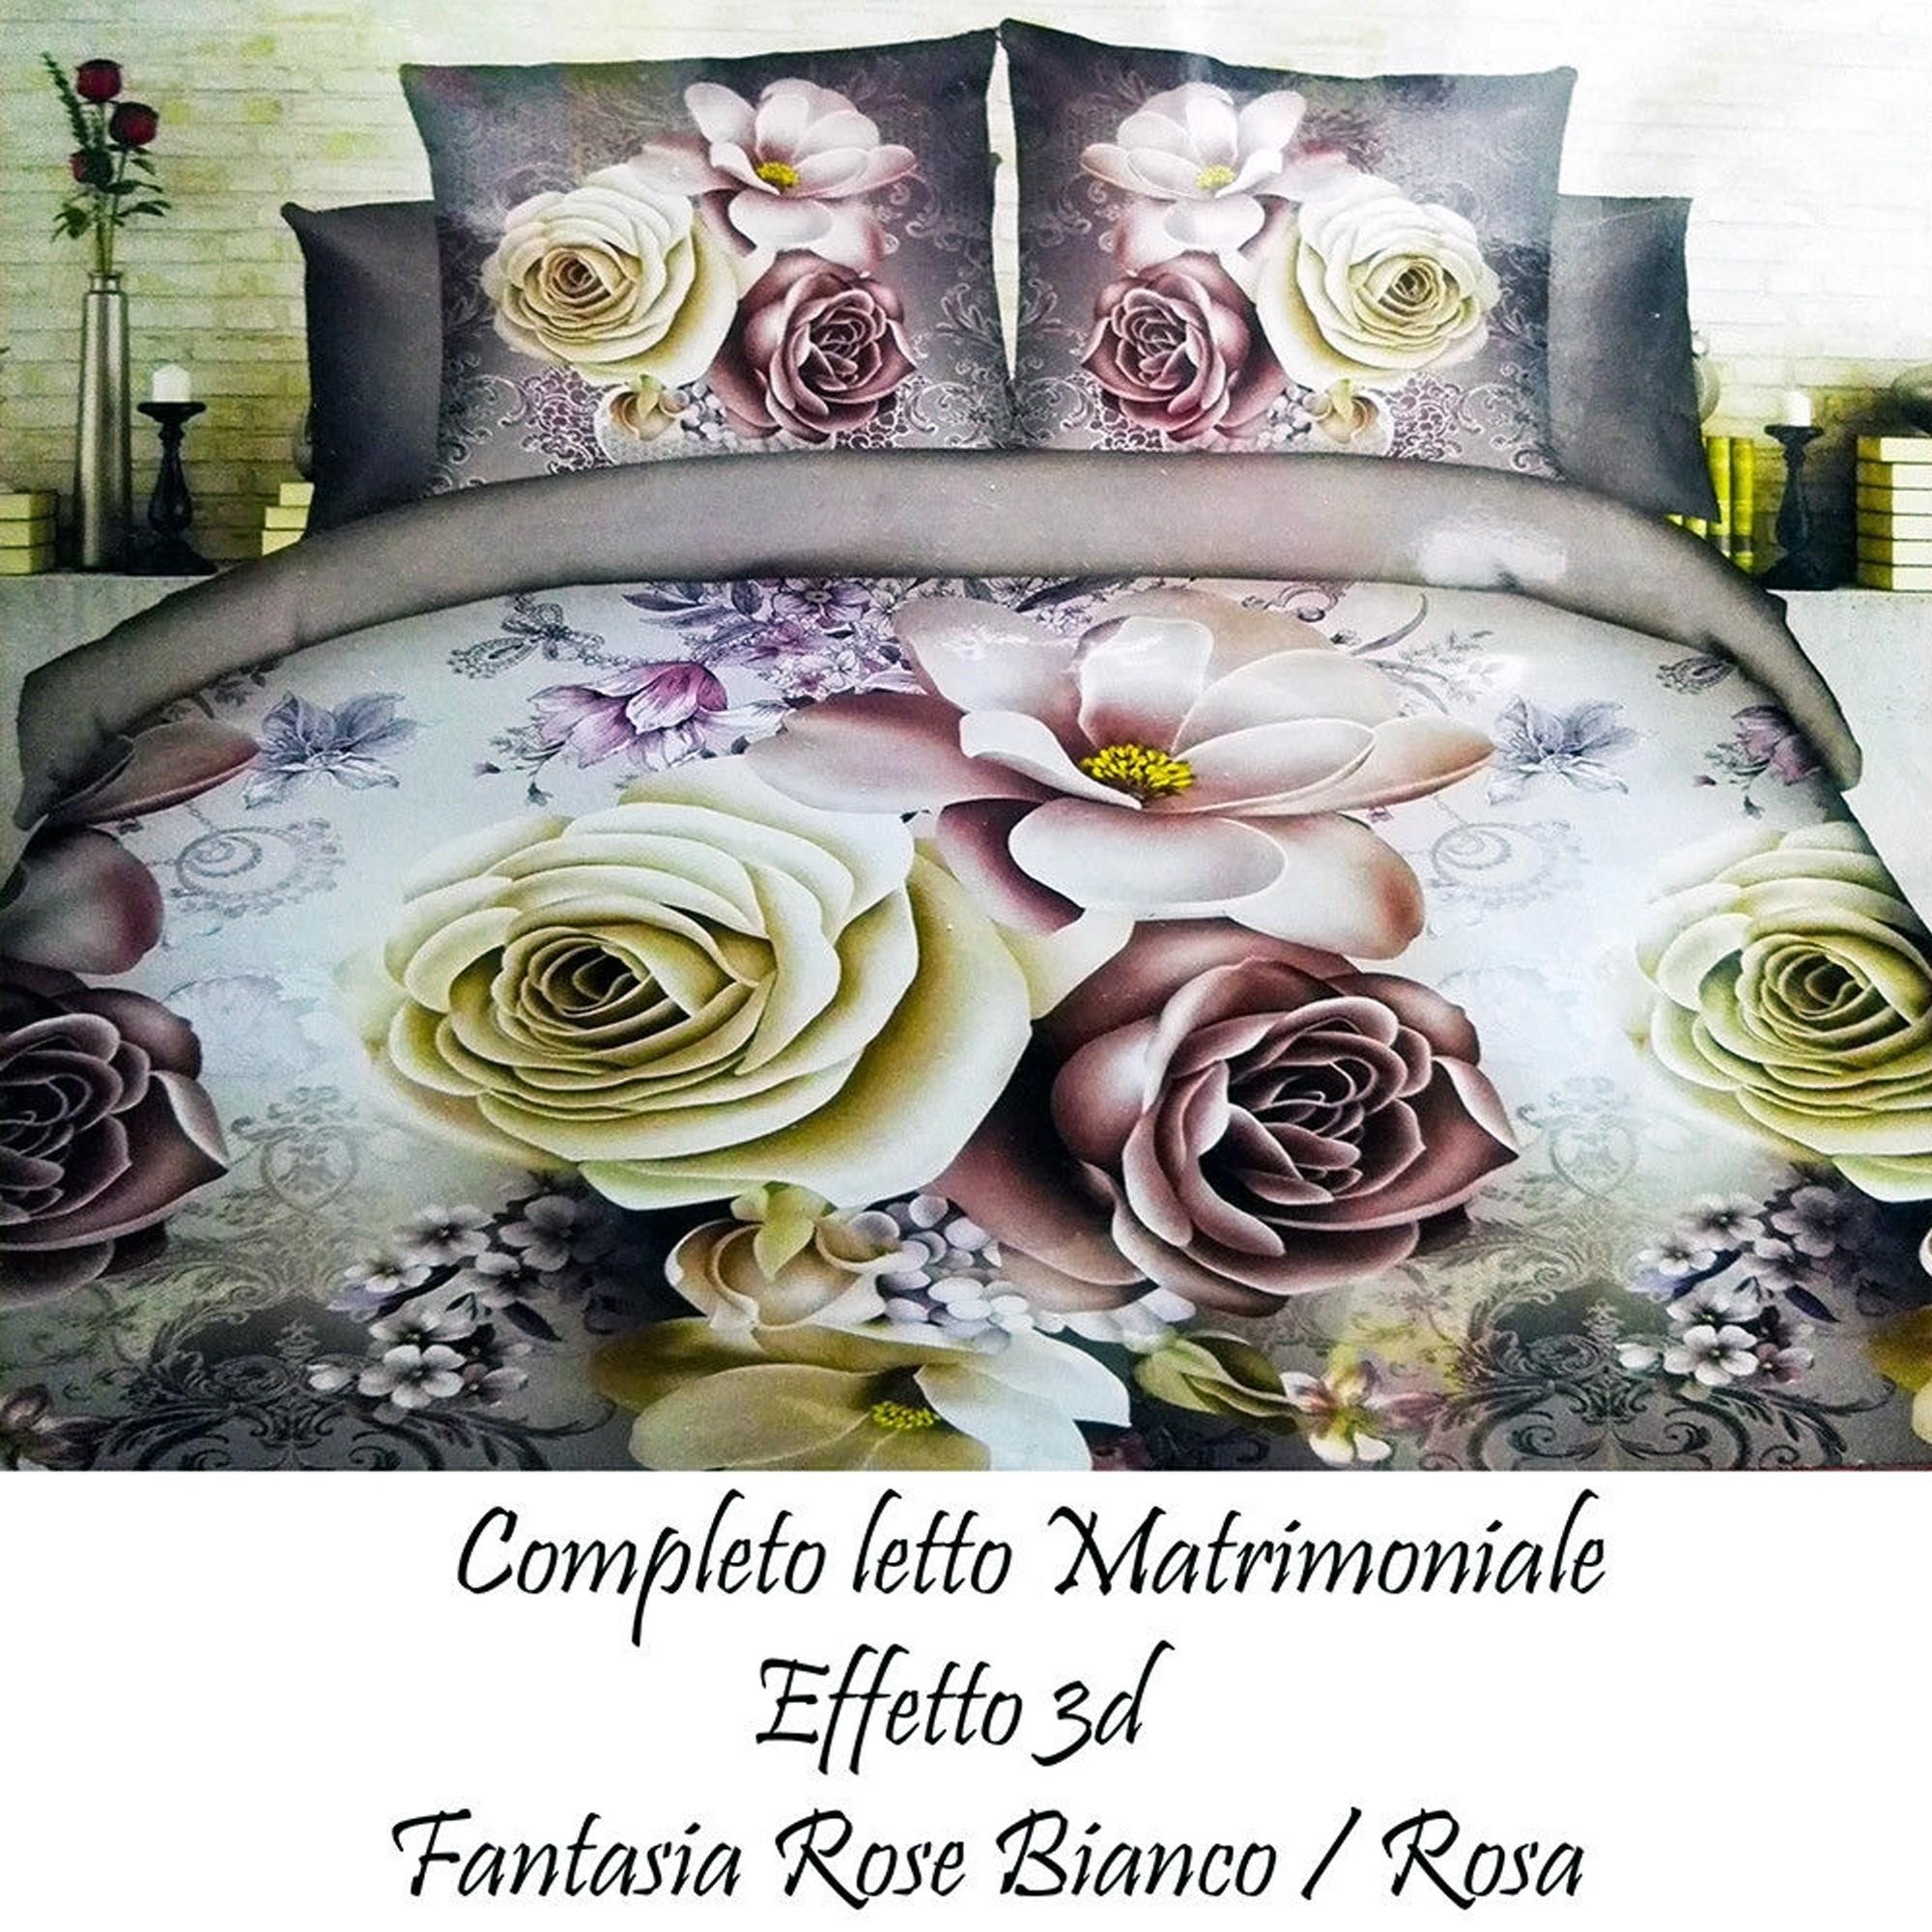 Lenzuola Matrimoniali Colorate.Completo Letto 3d Lenzuola Matrimoniale Sotto Sopra Copricuscini